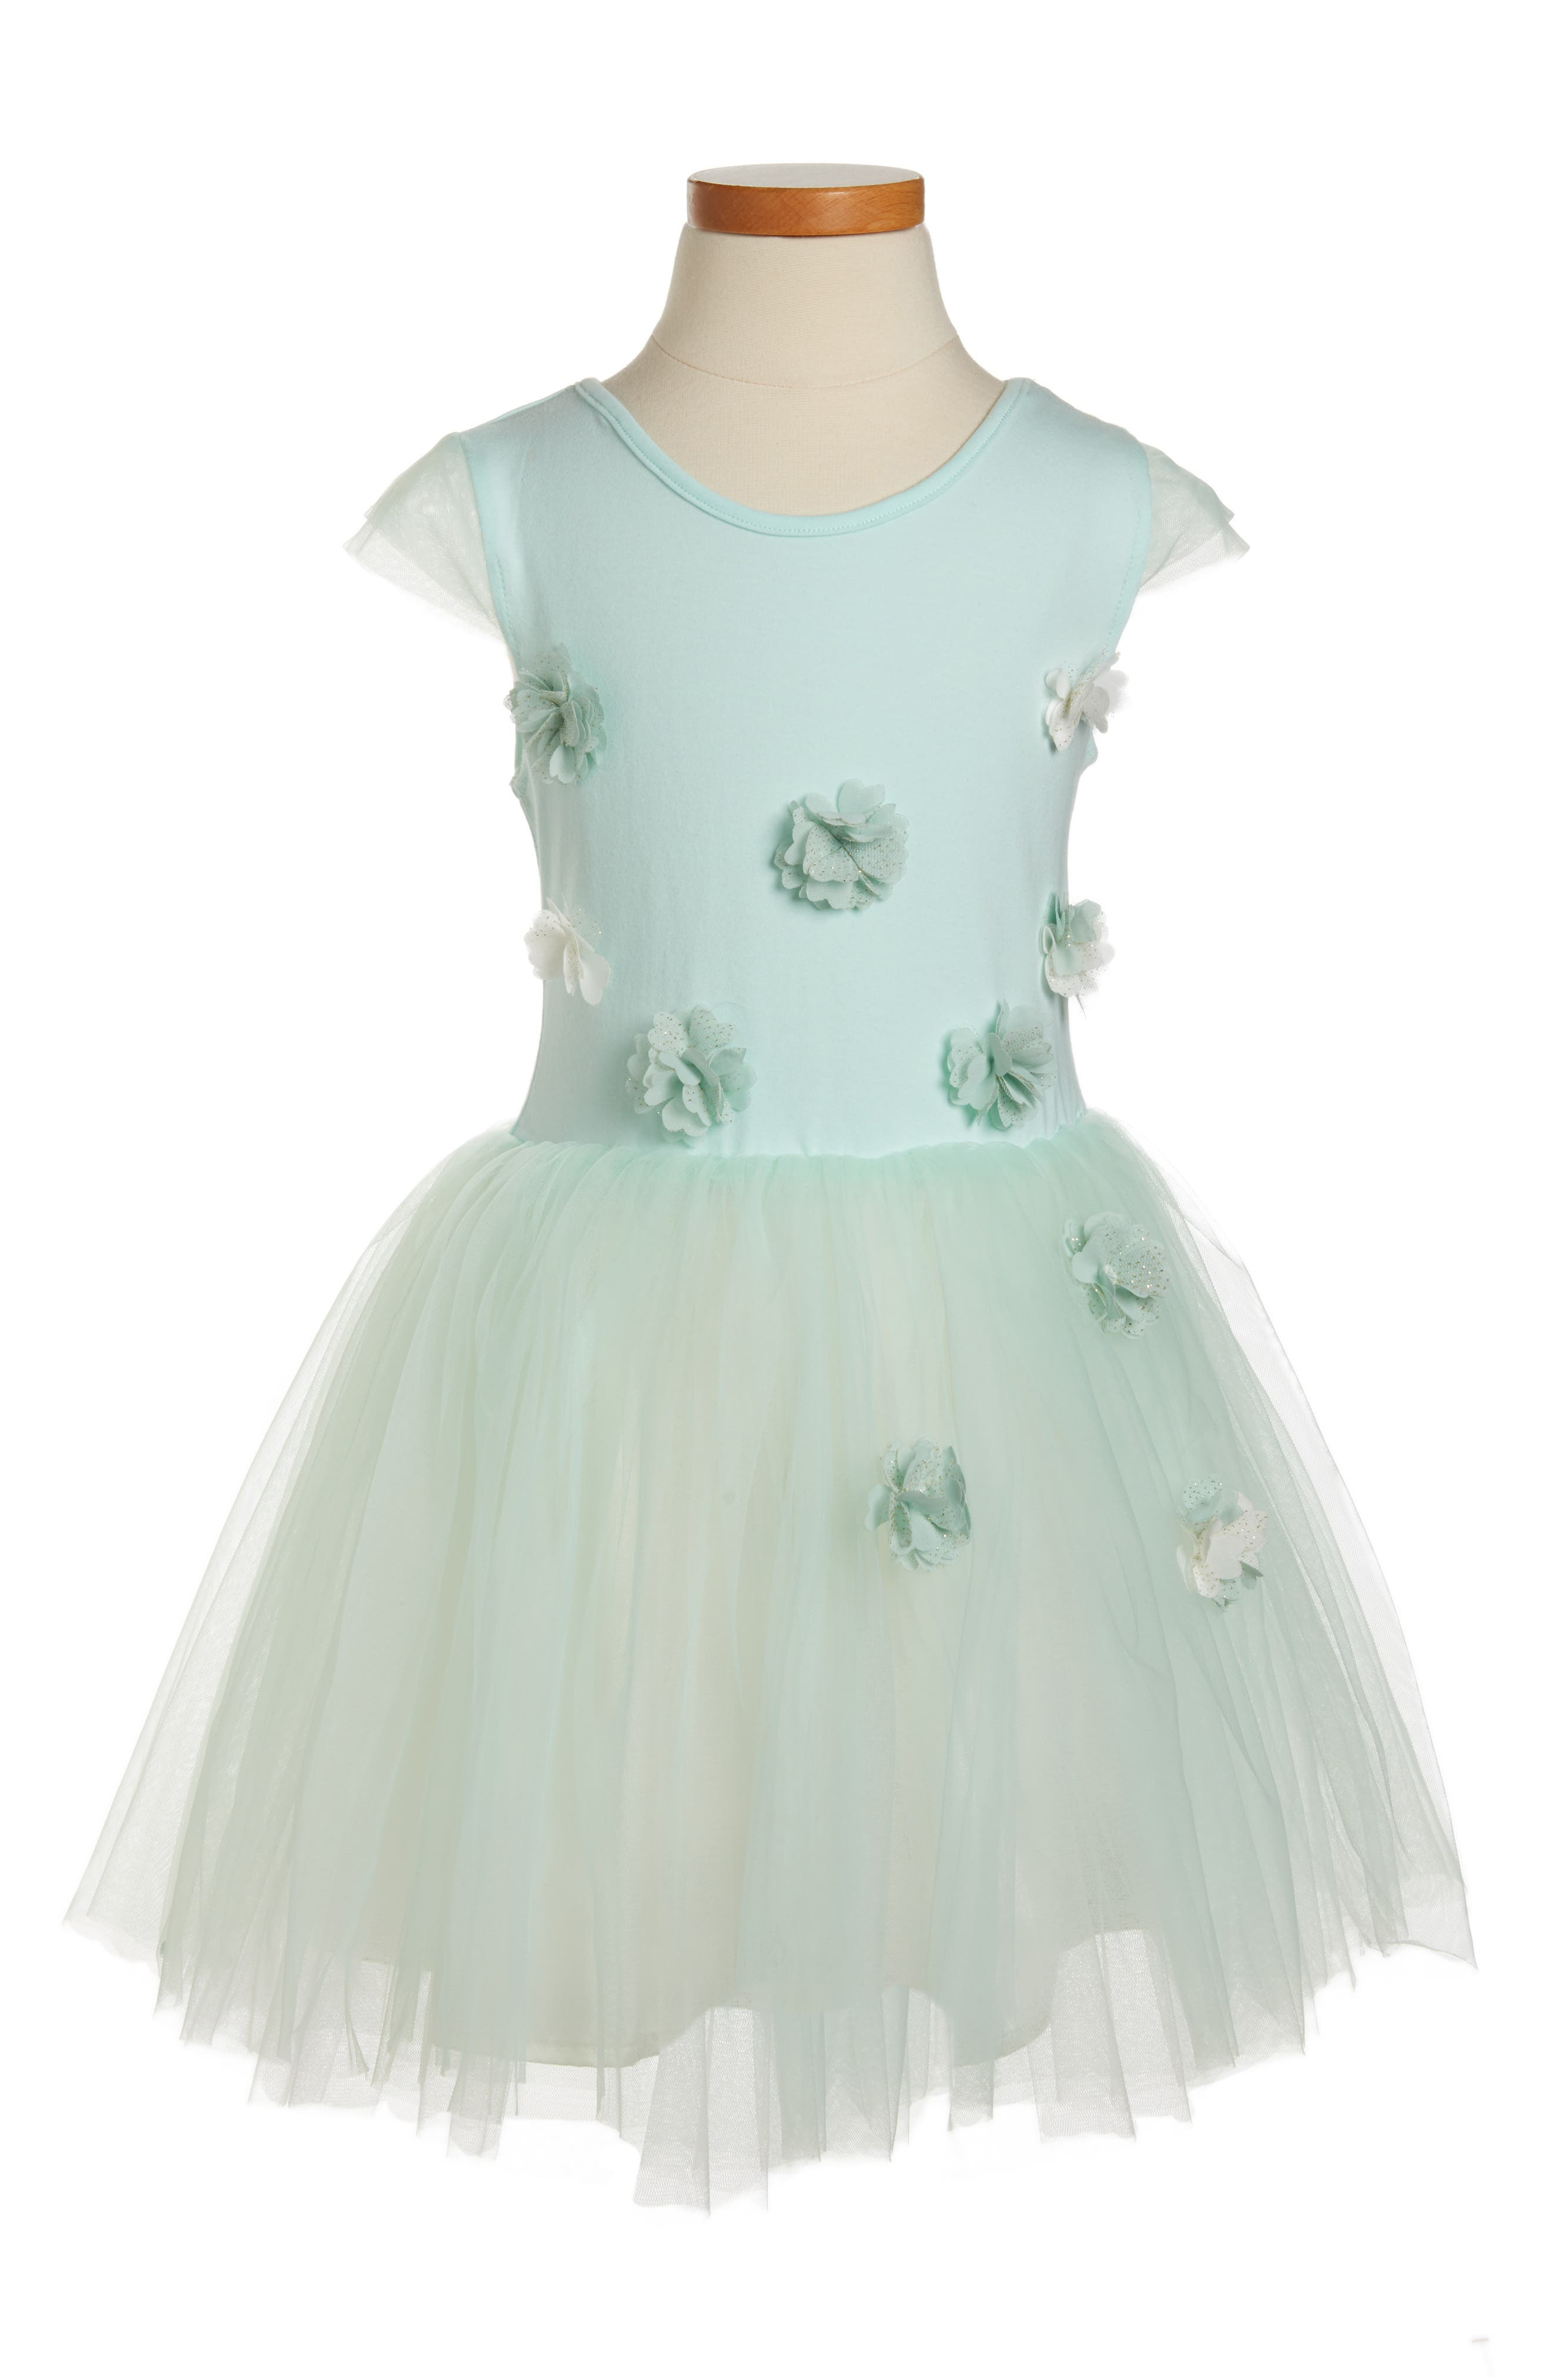 Alternate Image 1 Selected - Popatu Flower Tulle Dress (Toddler Girls, Little Girls & Big Girls)